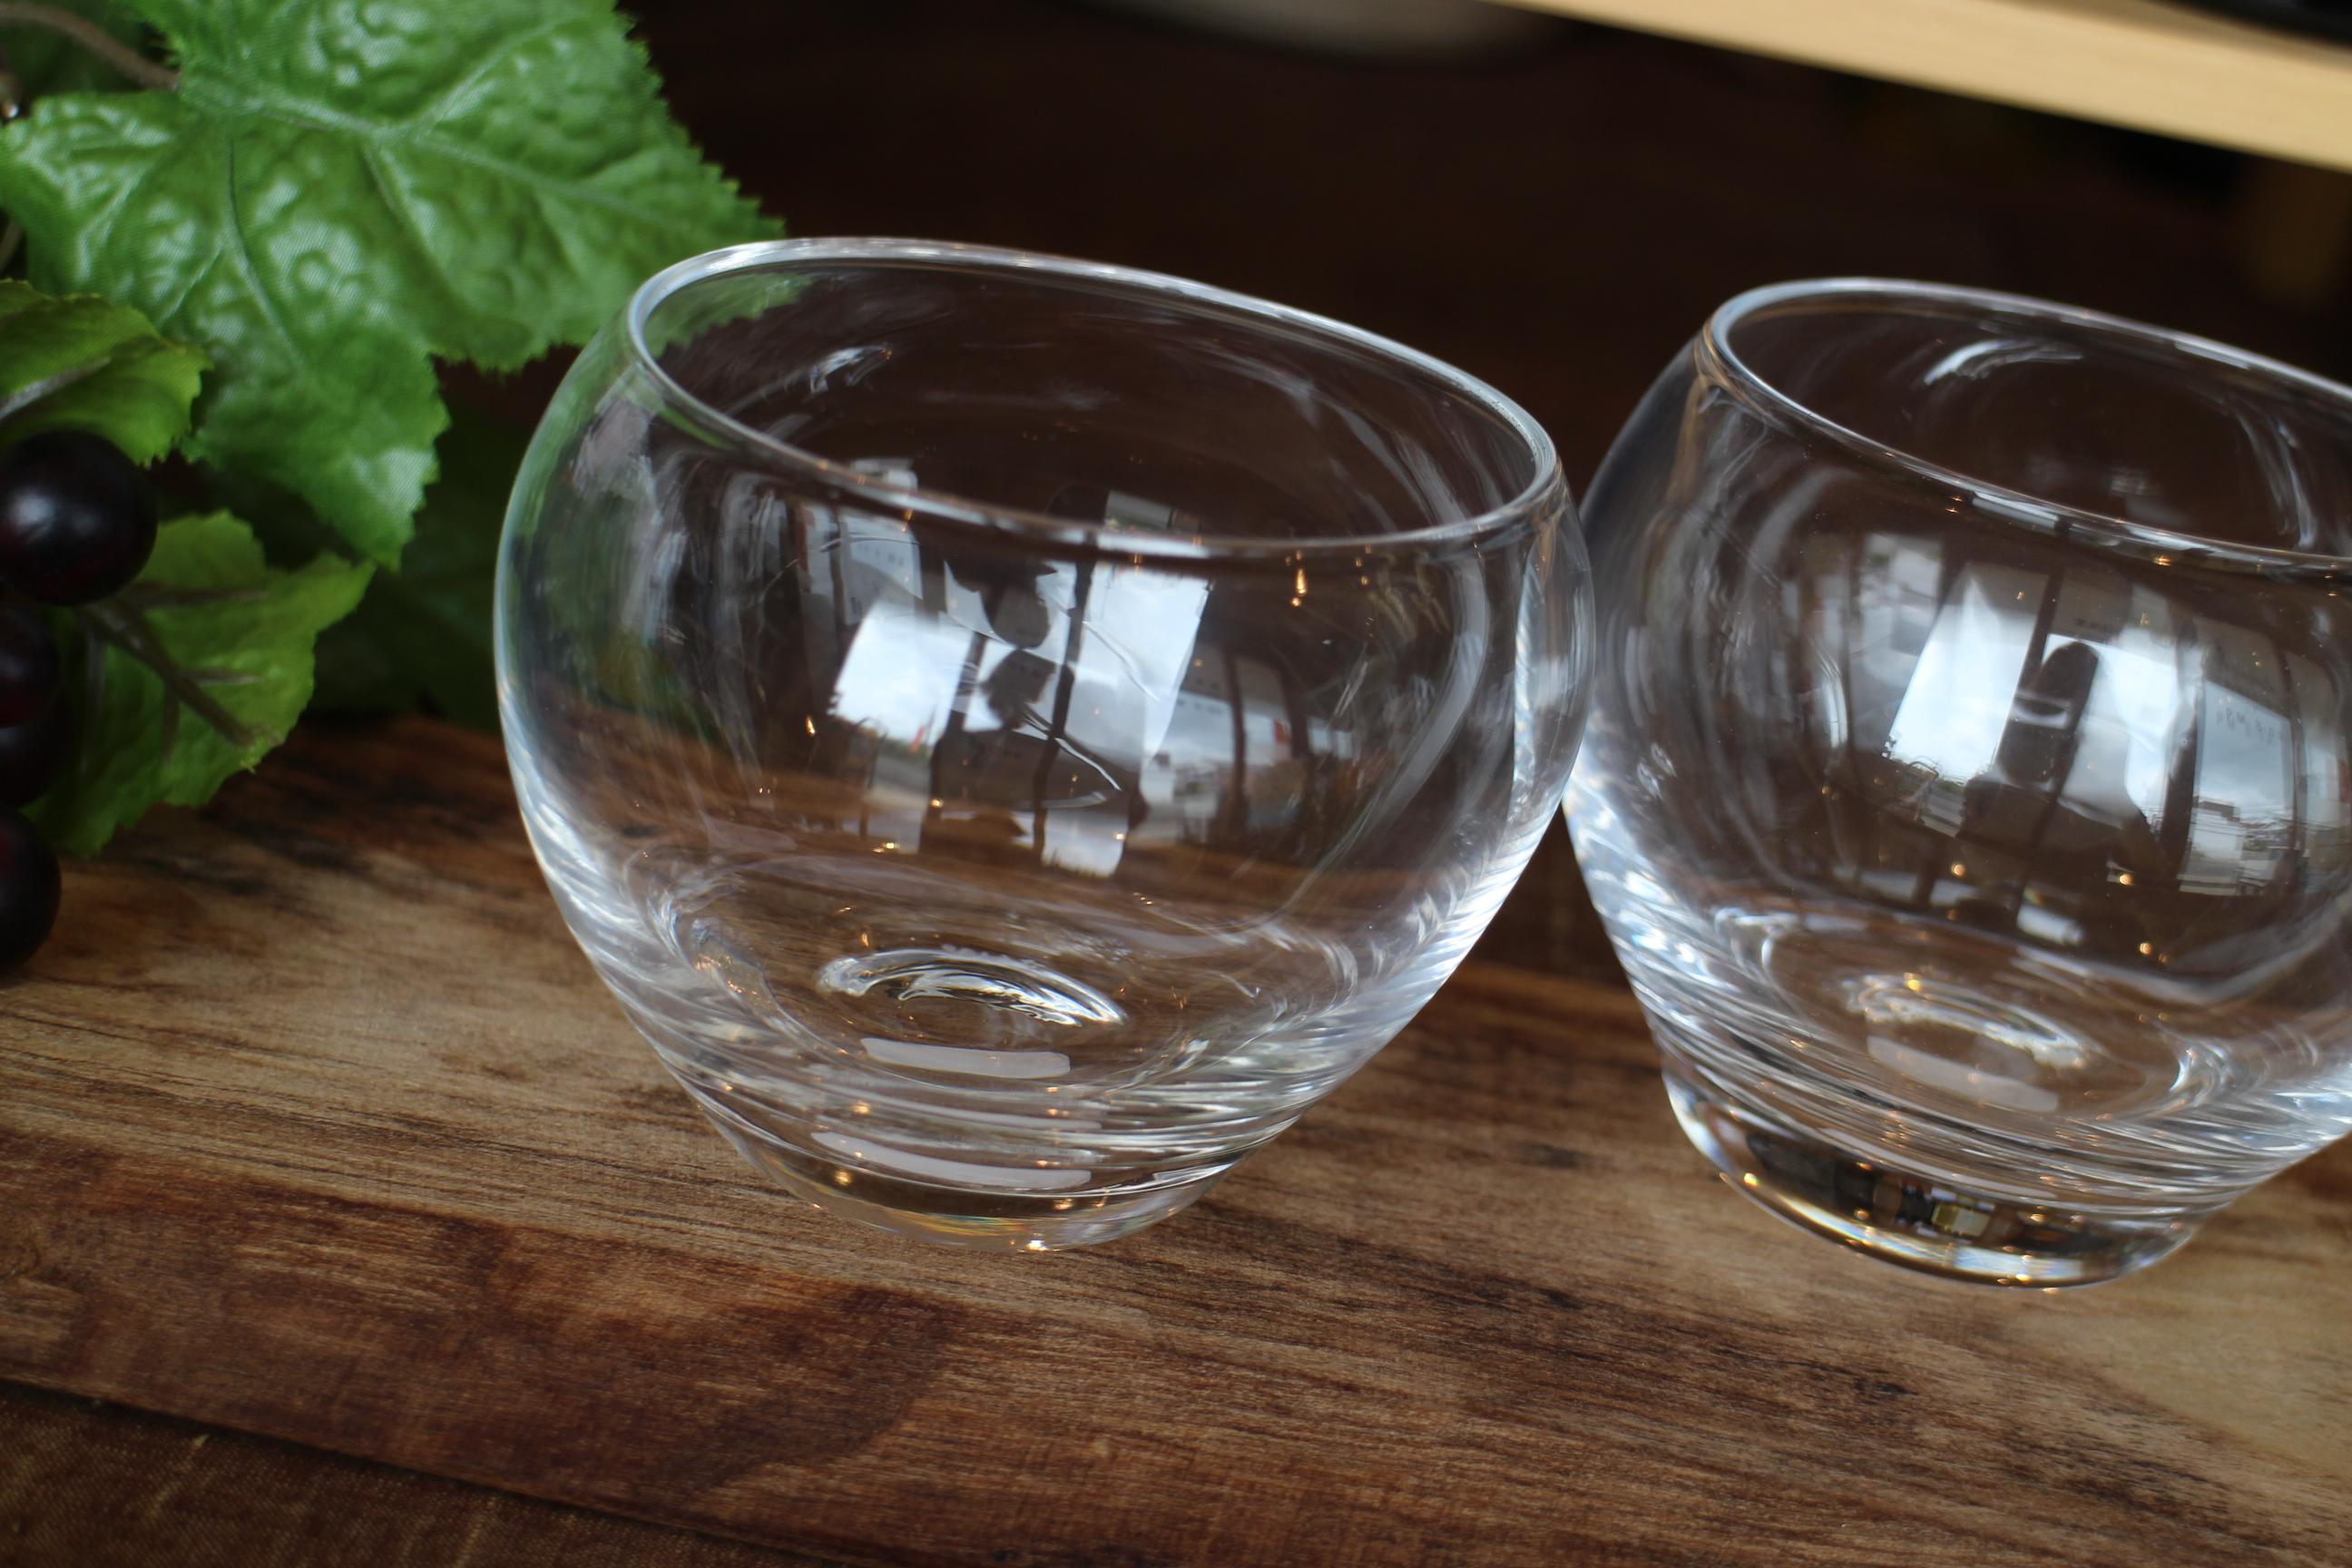 硝子工房「さんぽ」 まあるいグラス